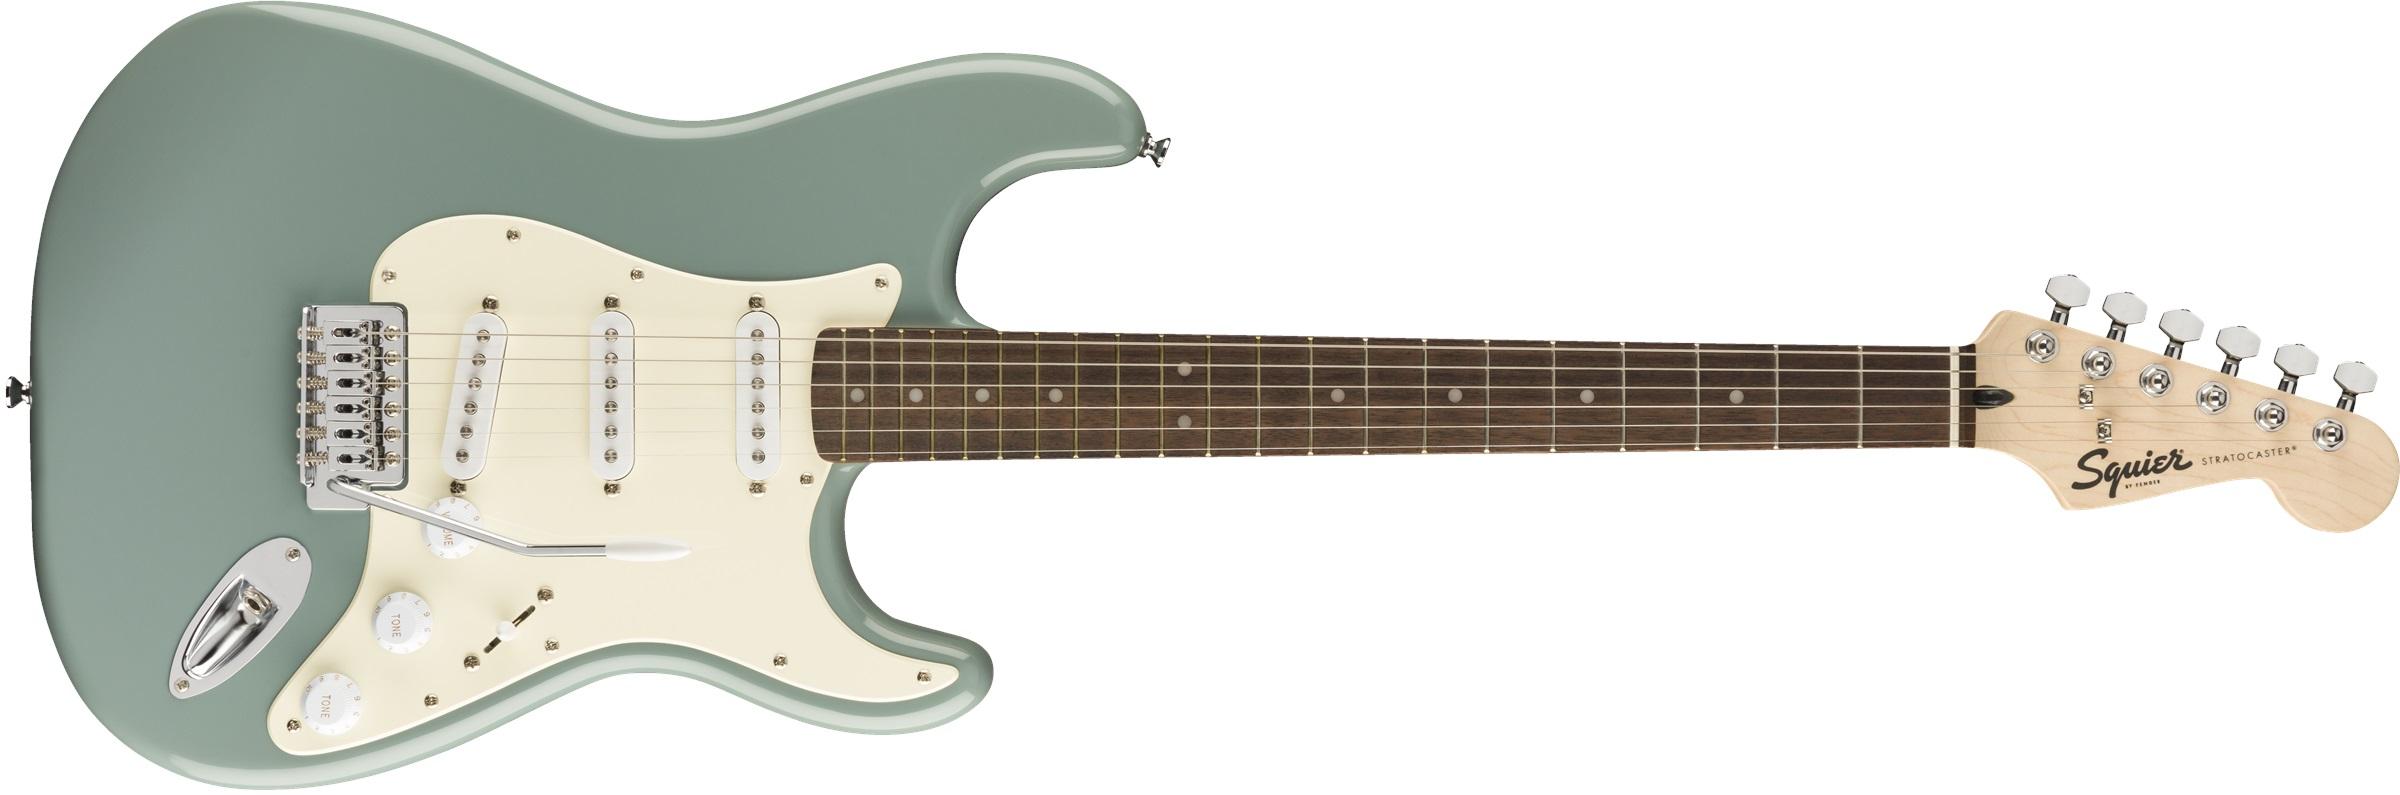 Datování yamaha klasické kytary